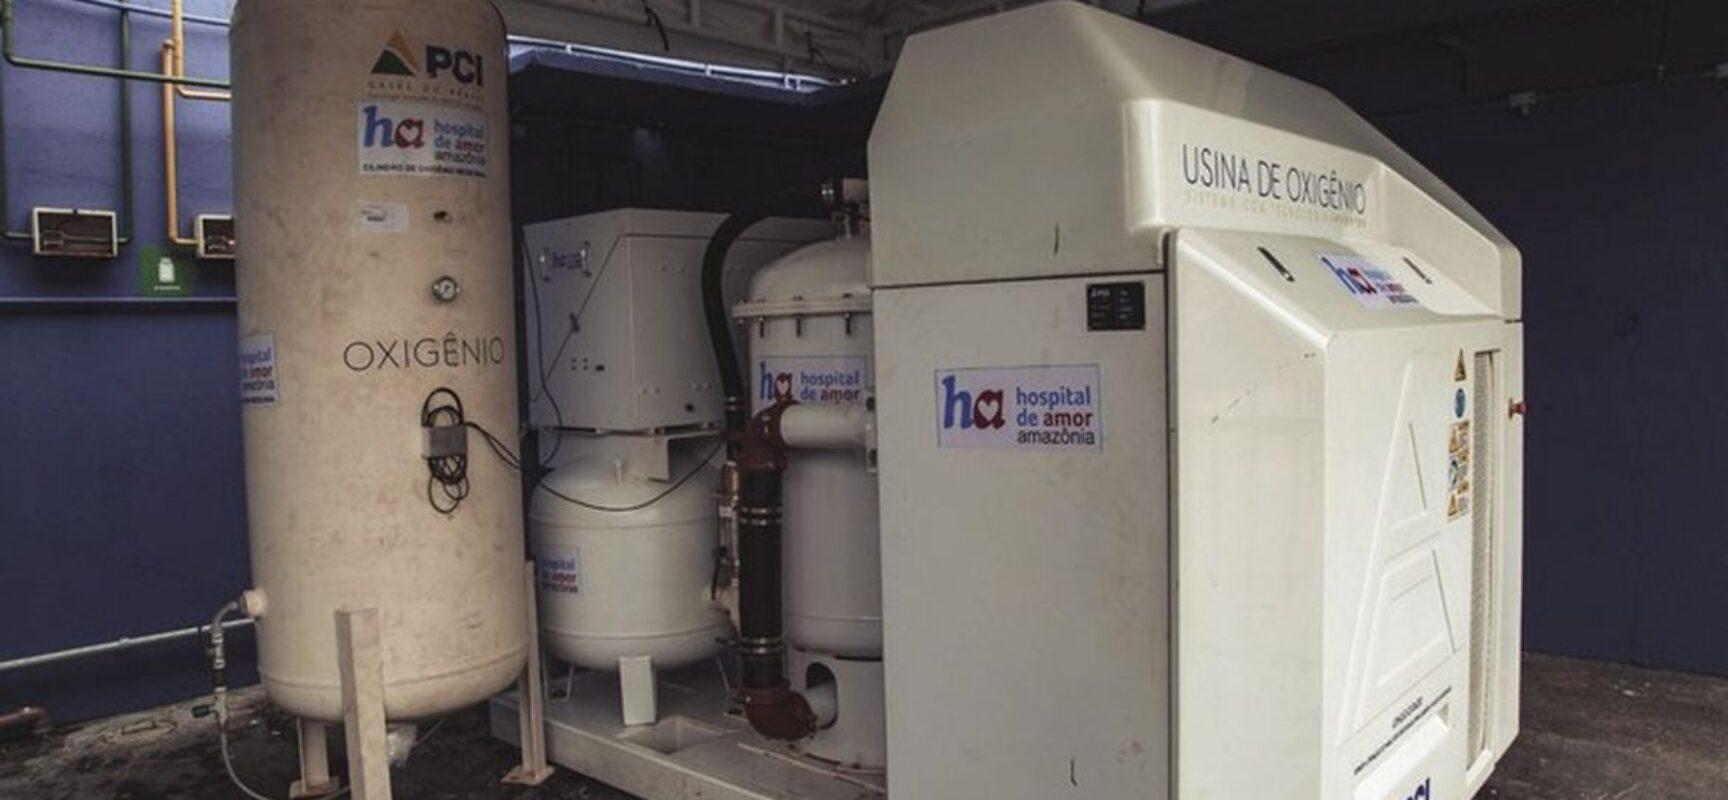 Ministério da Saúde enviará aparelhos de oxigênio para Norte-Nordeste